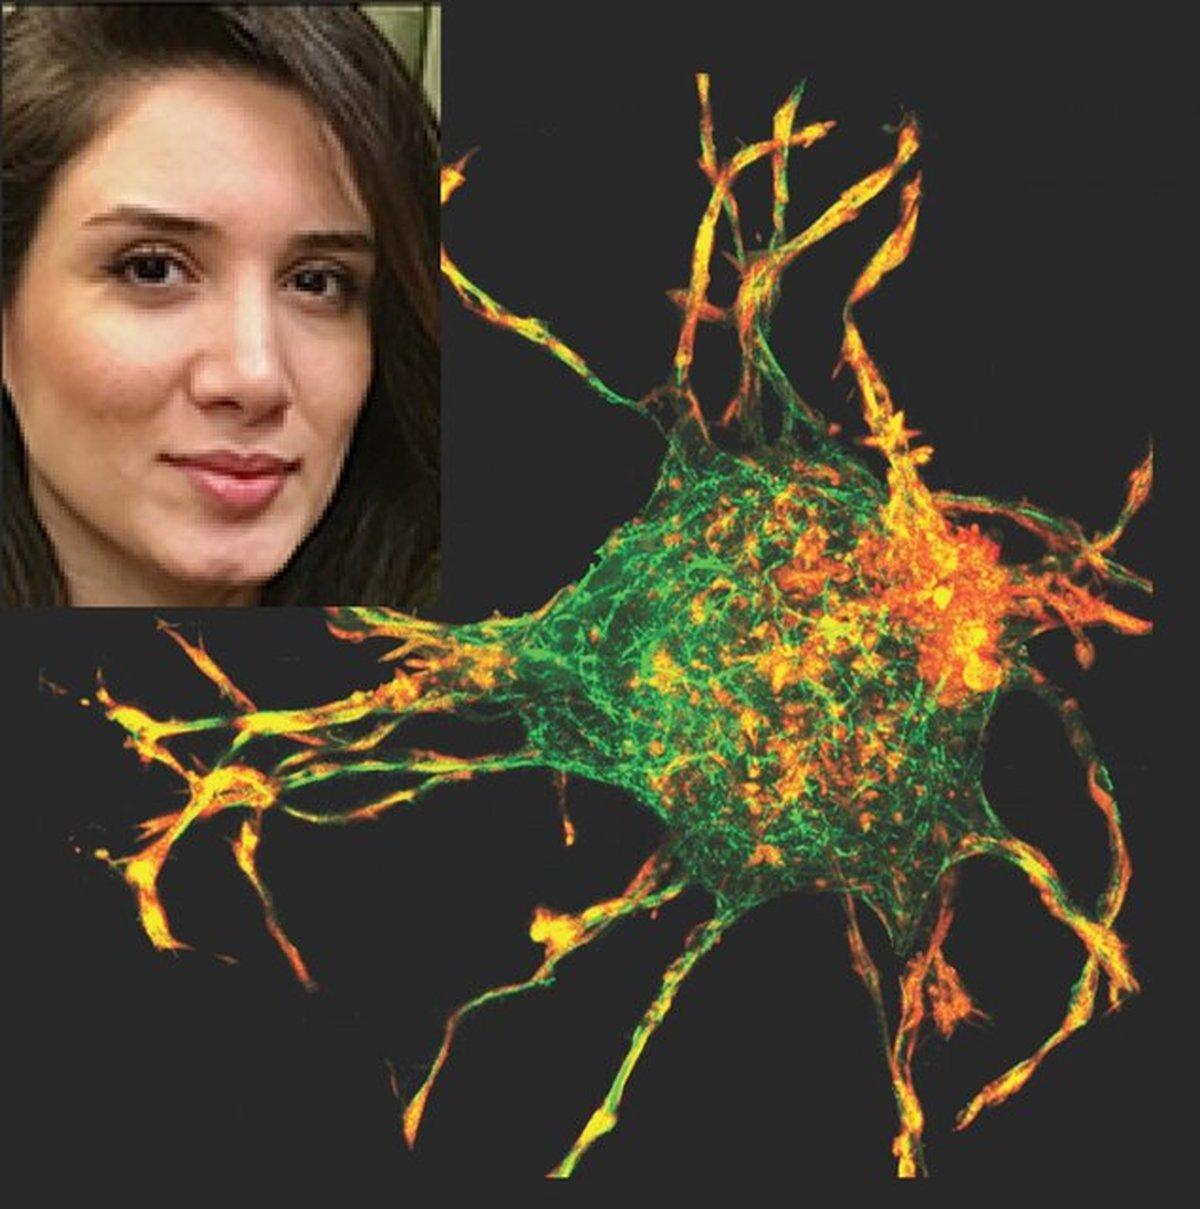 کشف رازهای ترمیم زخم توسط دانشمند ایرانی